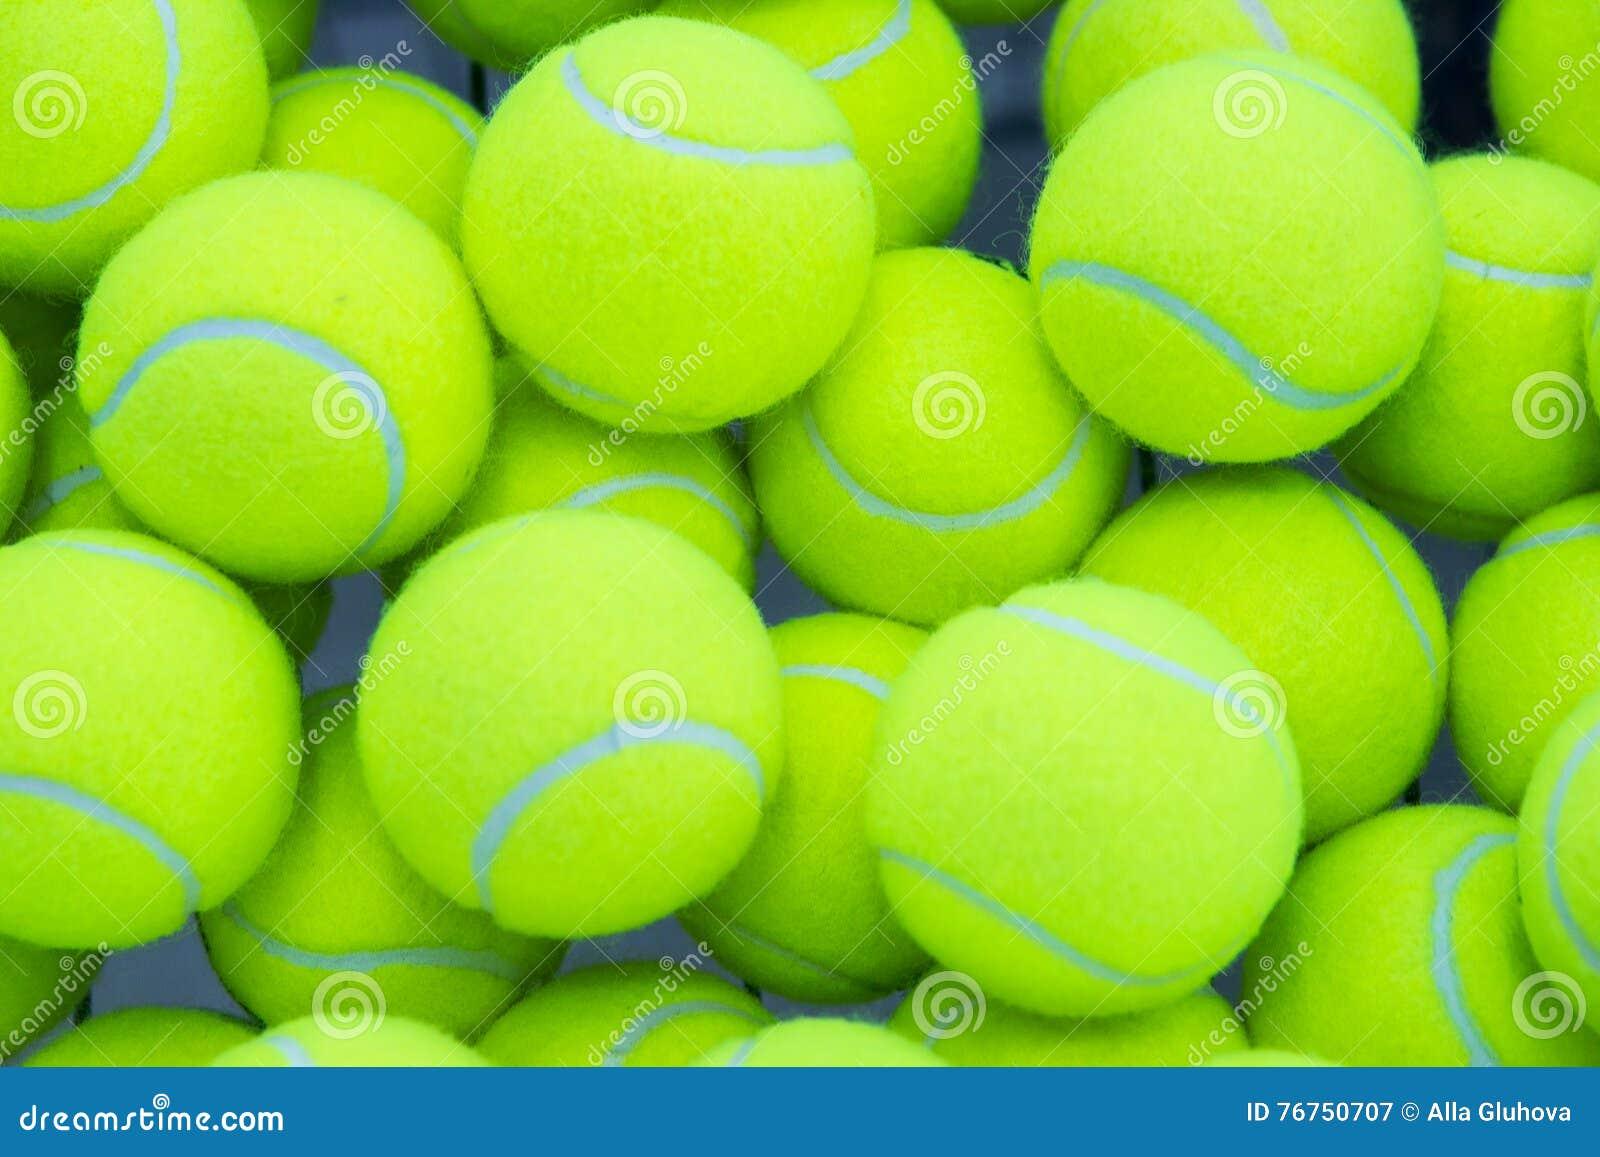 Tenis pelota stock de ilustracion ilustracion libre de stock de - Pelotas De Tenis Stock De Ilustraci N